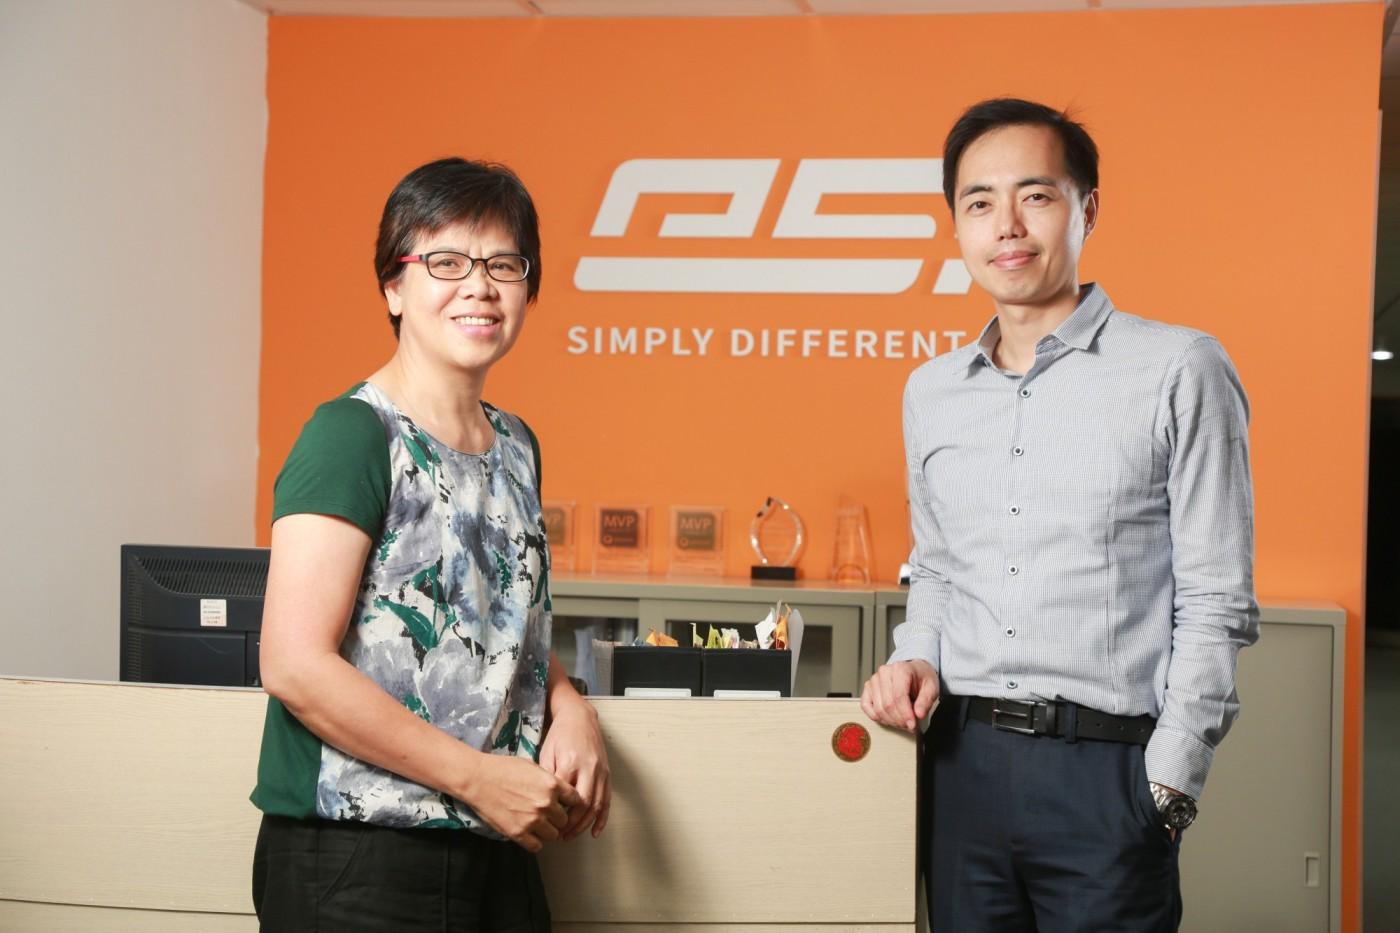 直通國際 x 微軟 Dynamics CRM,打造以客戶為核心的電銷系統